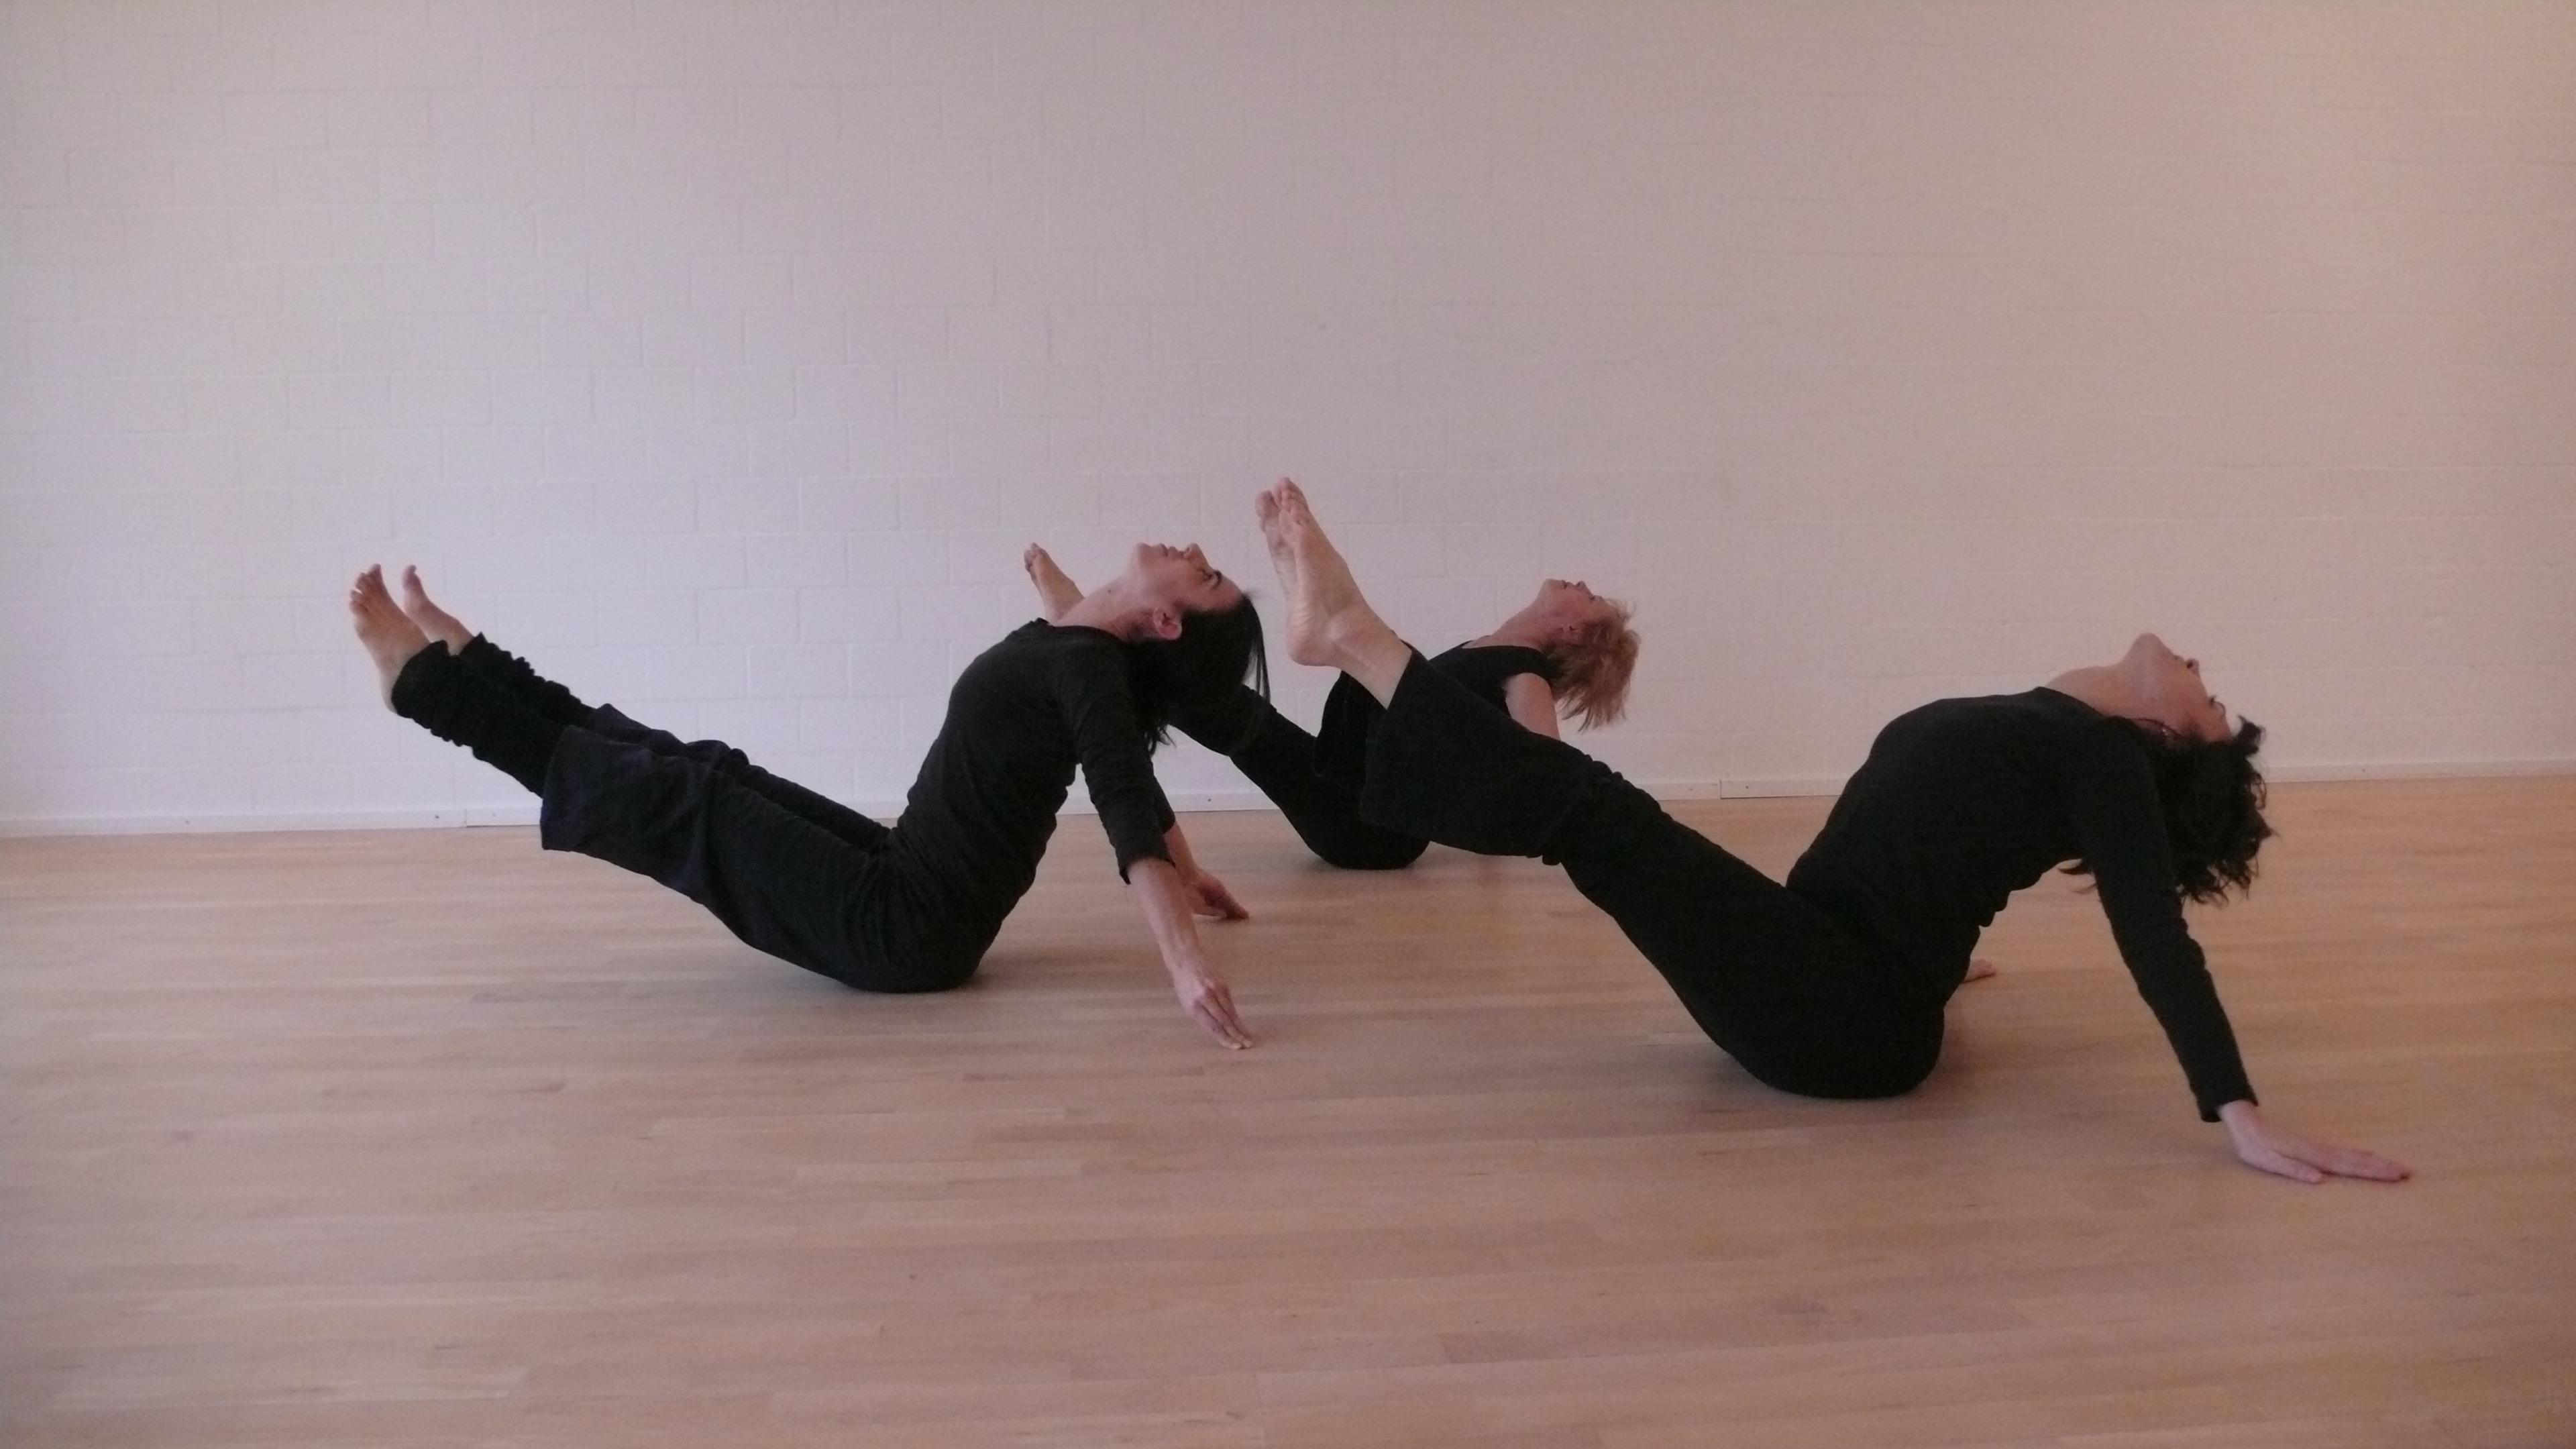 Aausbildung-tanz-bewegung-schweiz